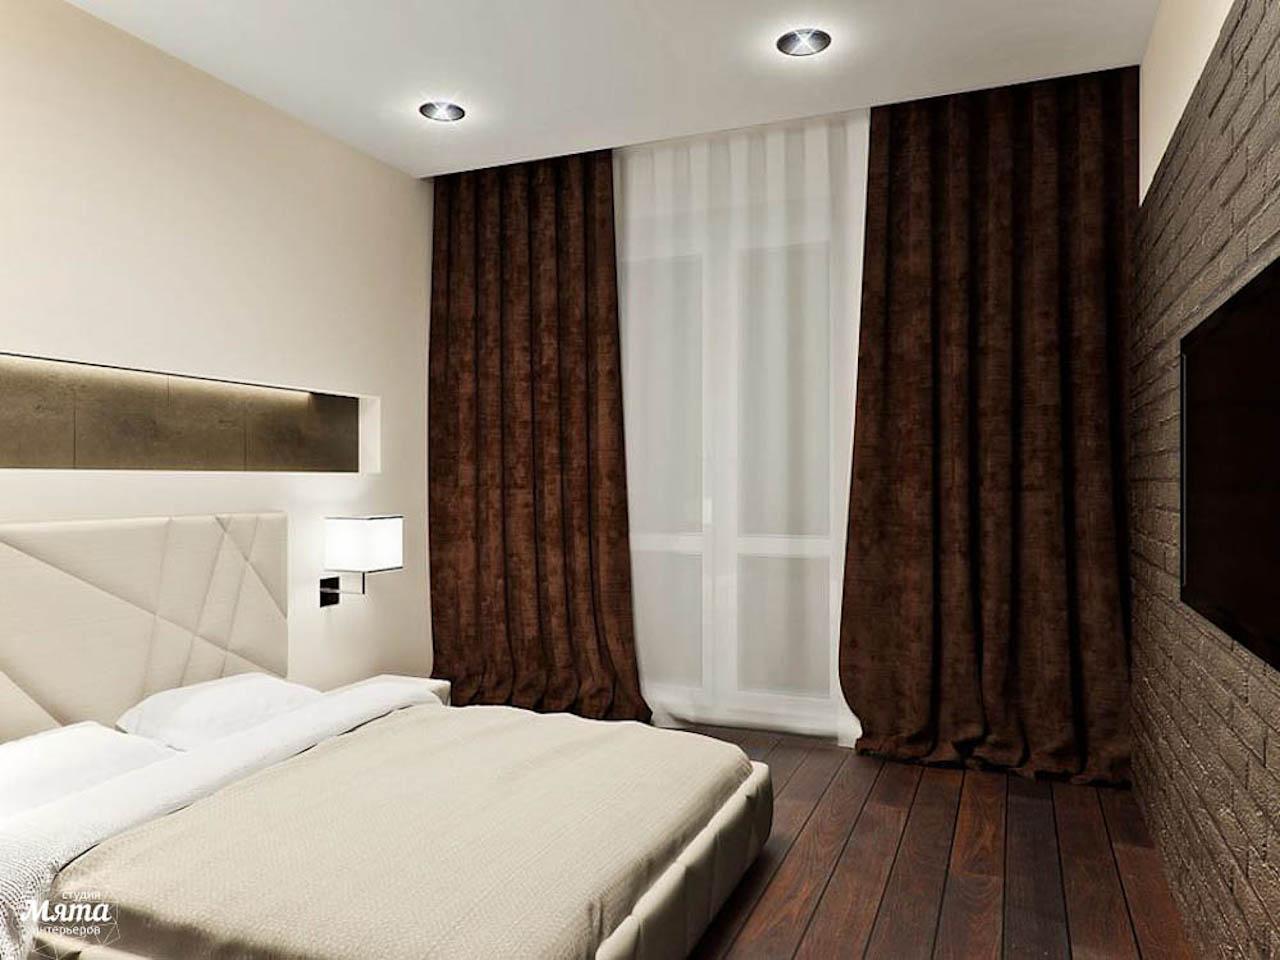 Дизайн интерьера однокомнатной квартиры в стиле хай тек по ул. Щербакова 35 img1598299440